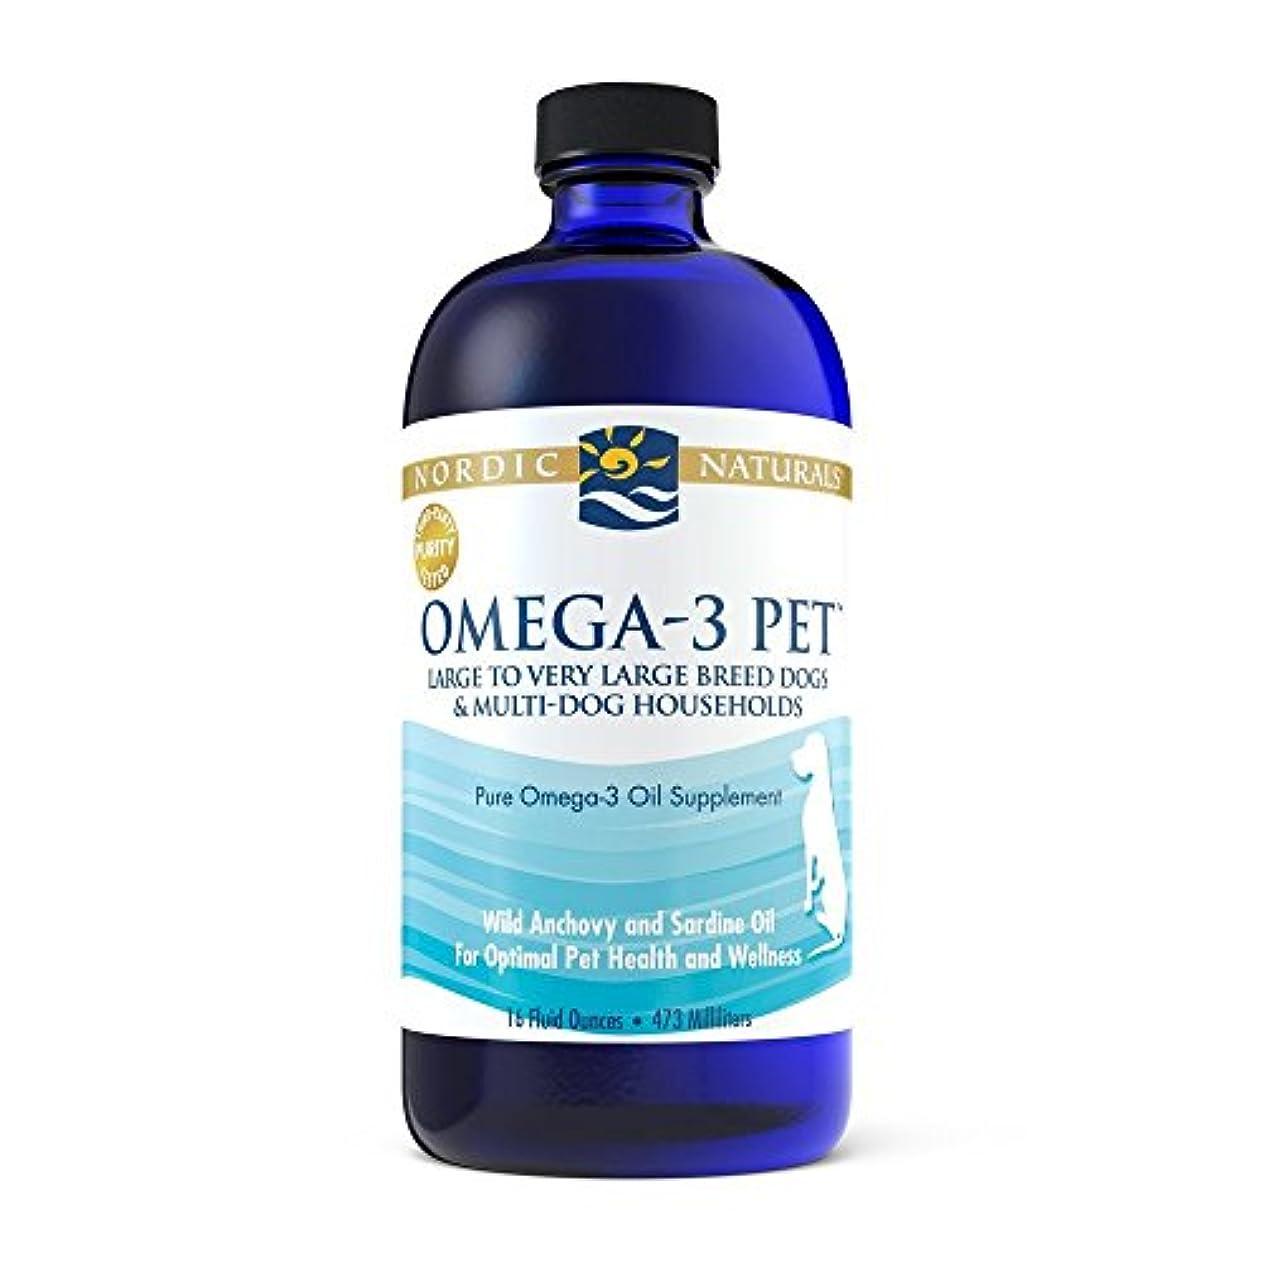 観光に行く失きらきらNordic Naturals Fish Oil OMEGA-3 Essential Fatty Acid for Dogs + Cats 16 oz 海外直送品